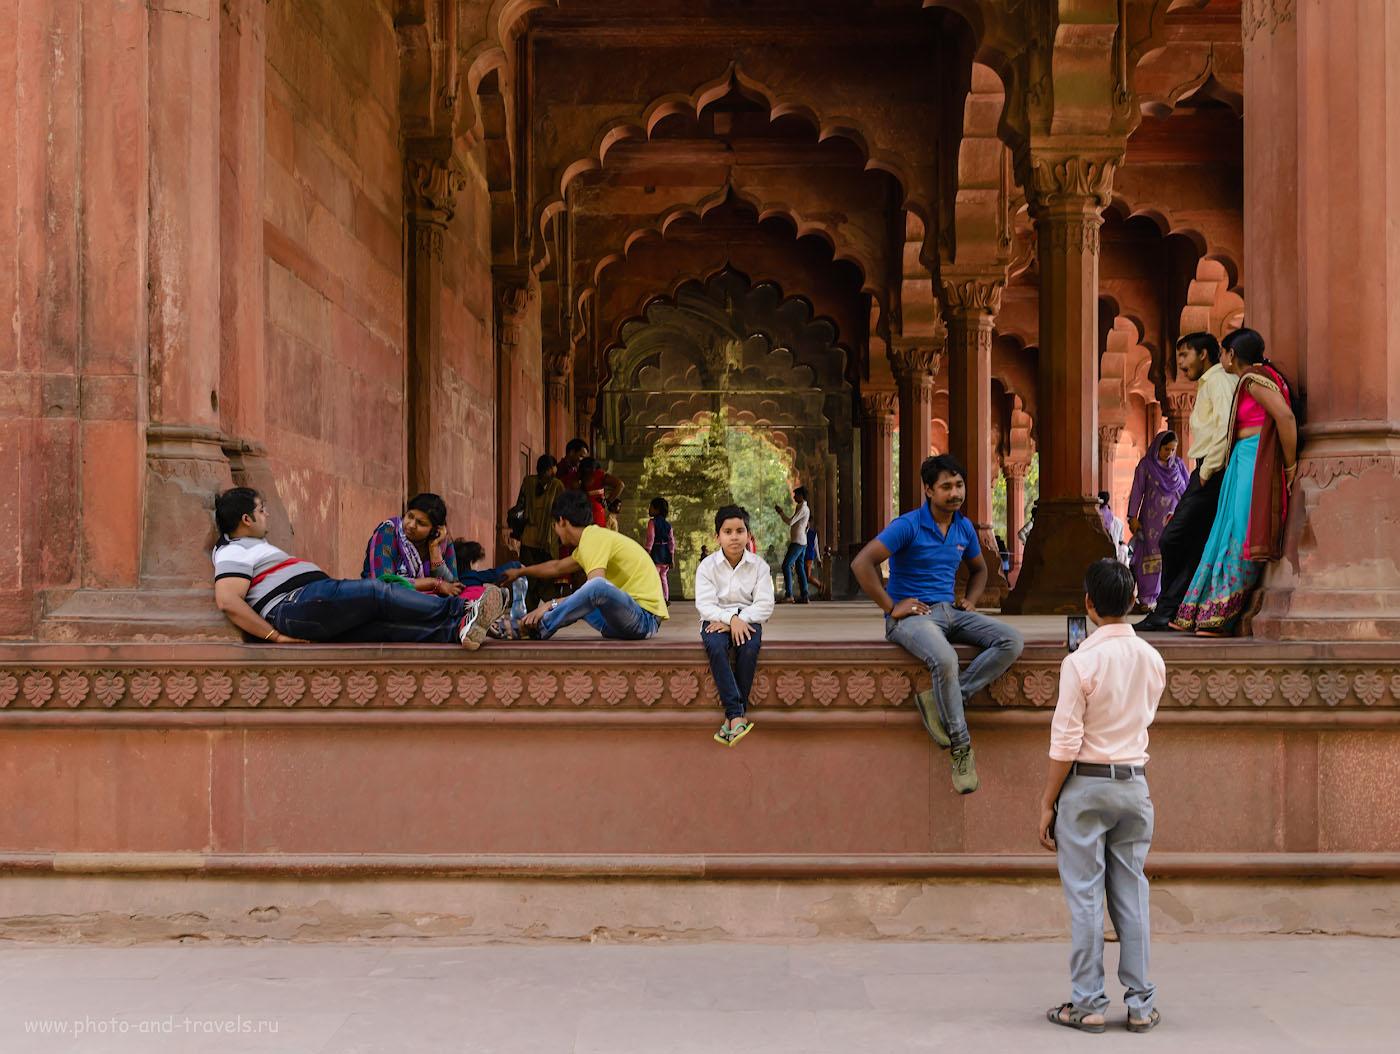 Фото 4. Туристы на территории Красного форта в Дели. Отчет о поездке в Индию в феврале 2017 года самостоятельно. 1/80, 7.1, 640, 34.